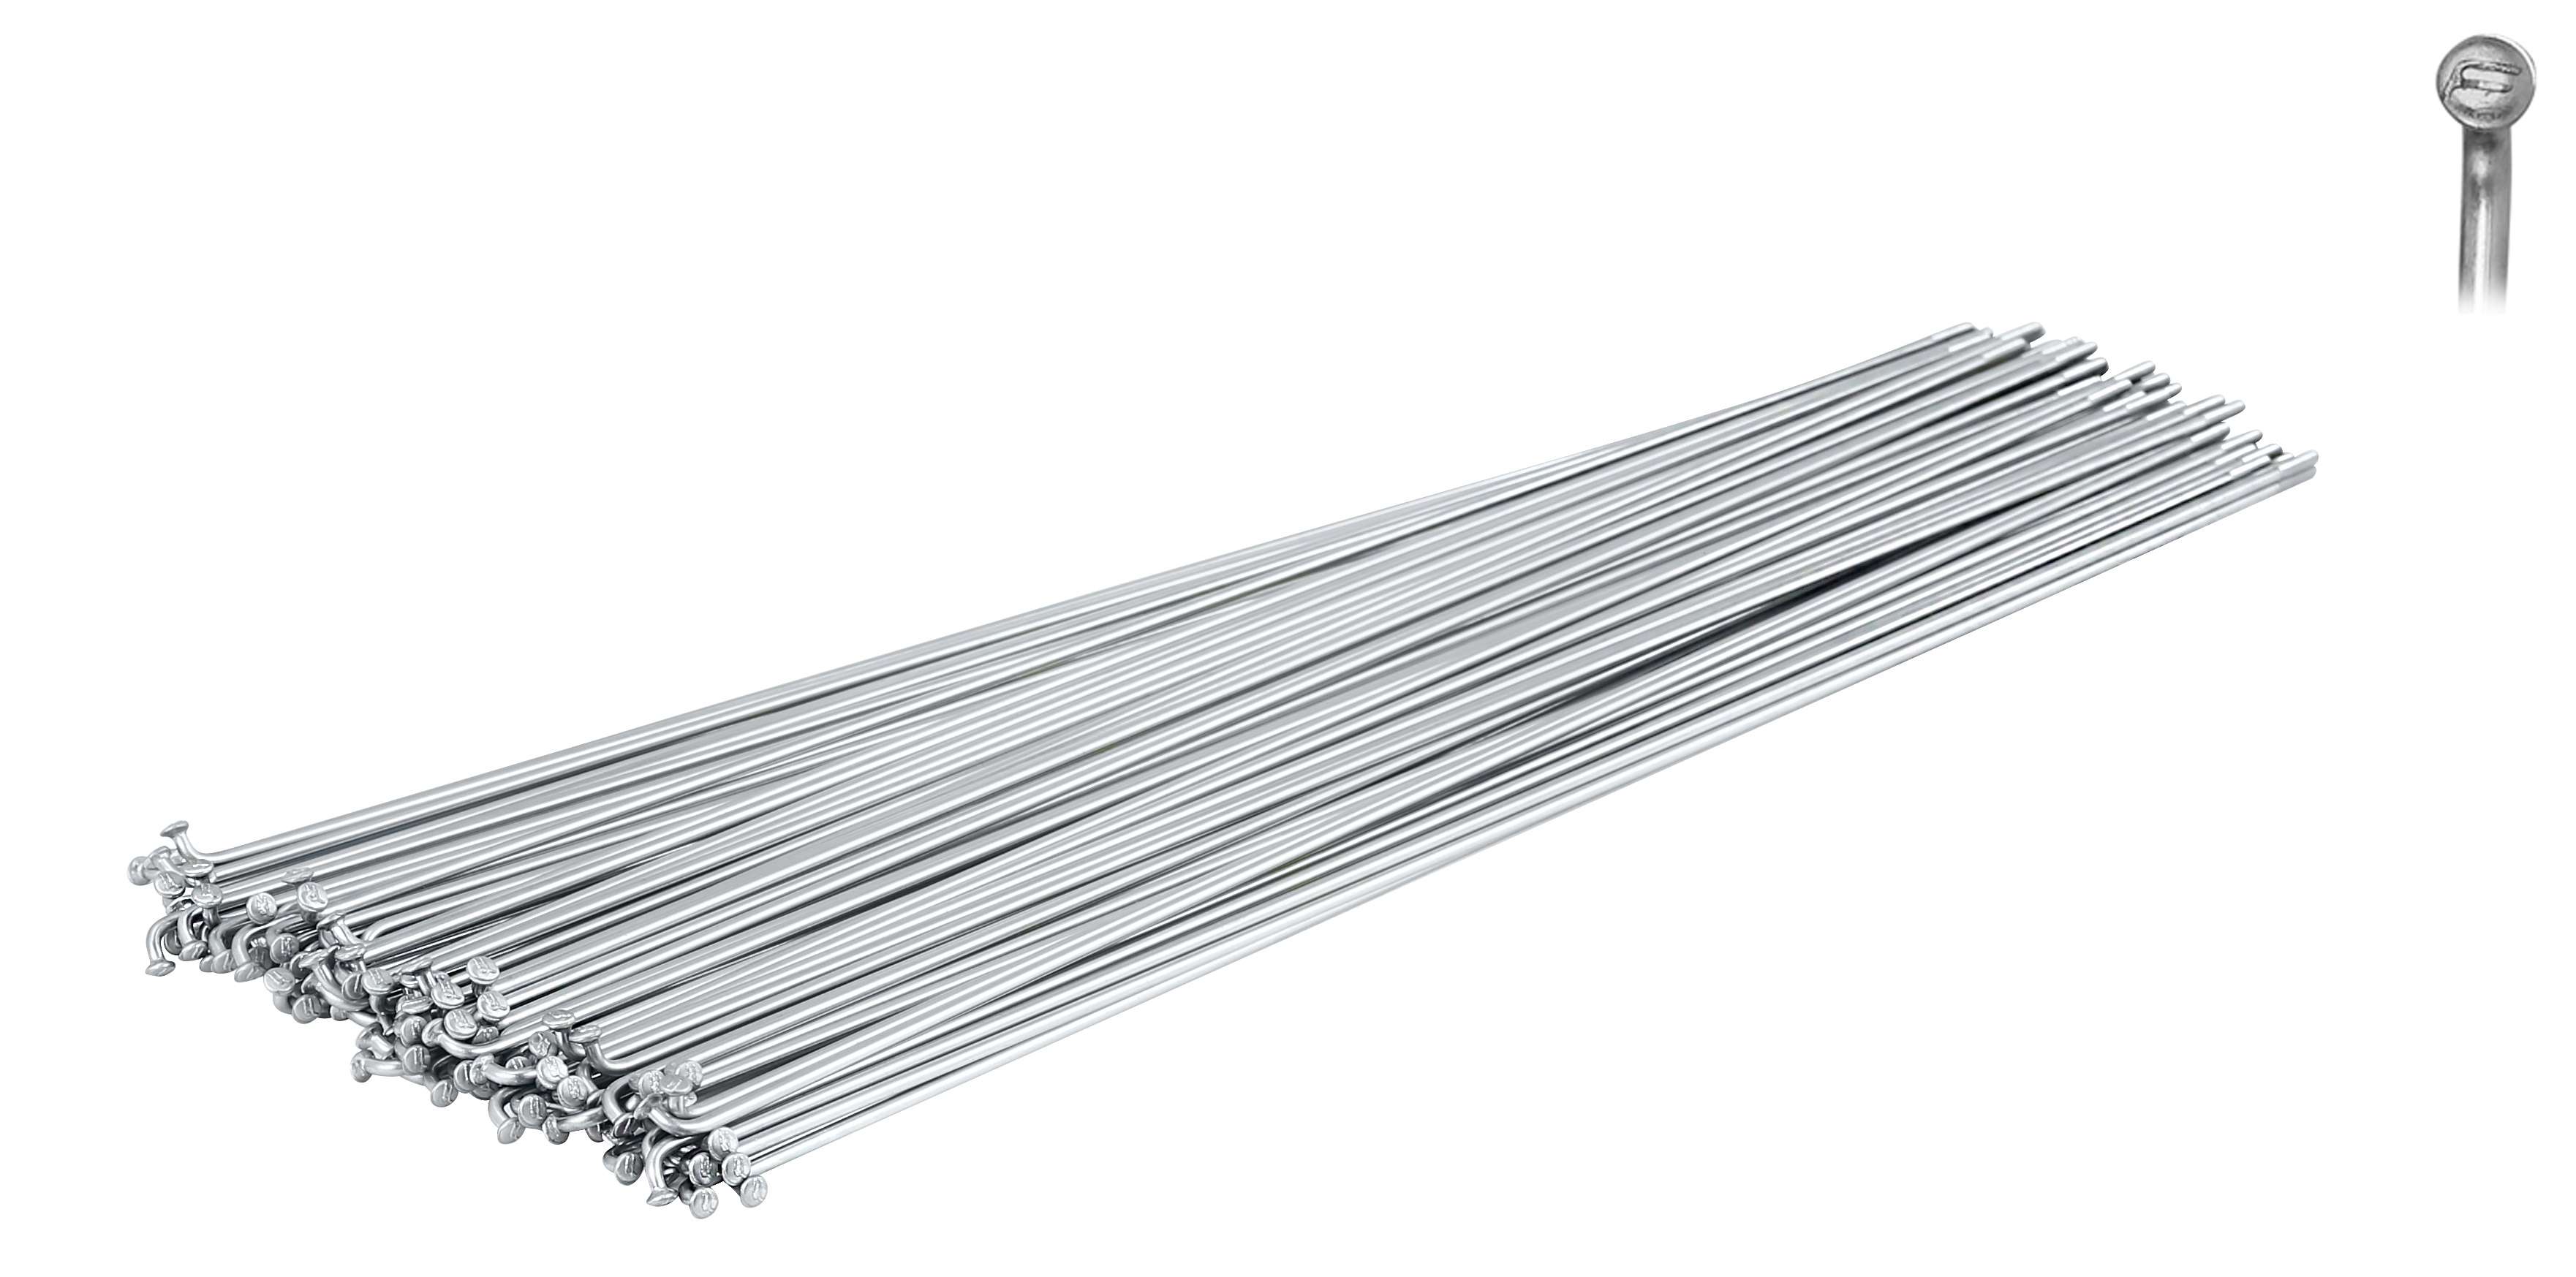 dráty FORCE nerez stříbrné 2 mm x 258 mm